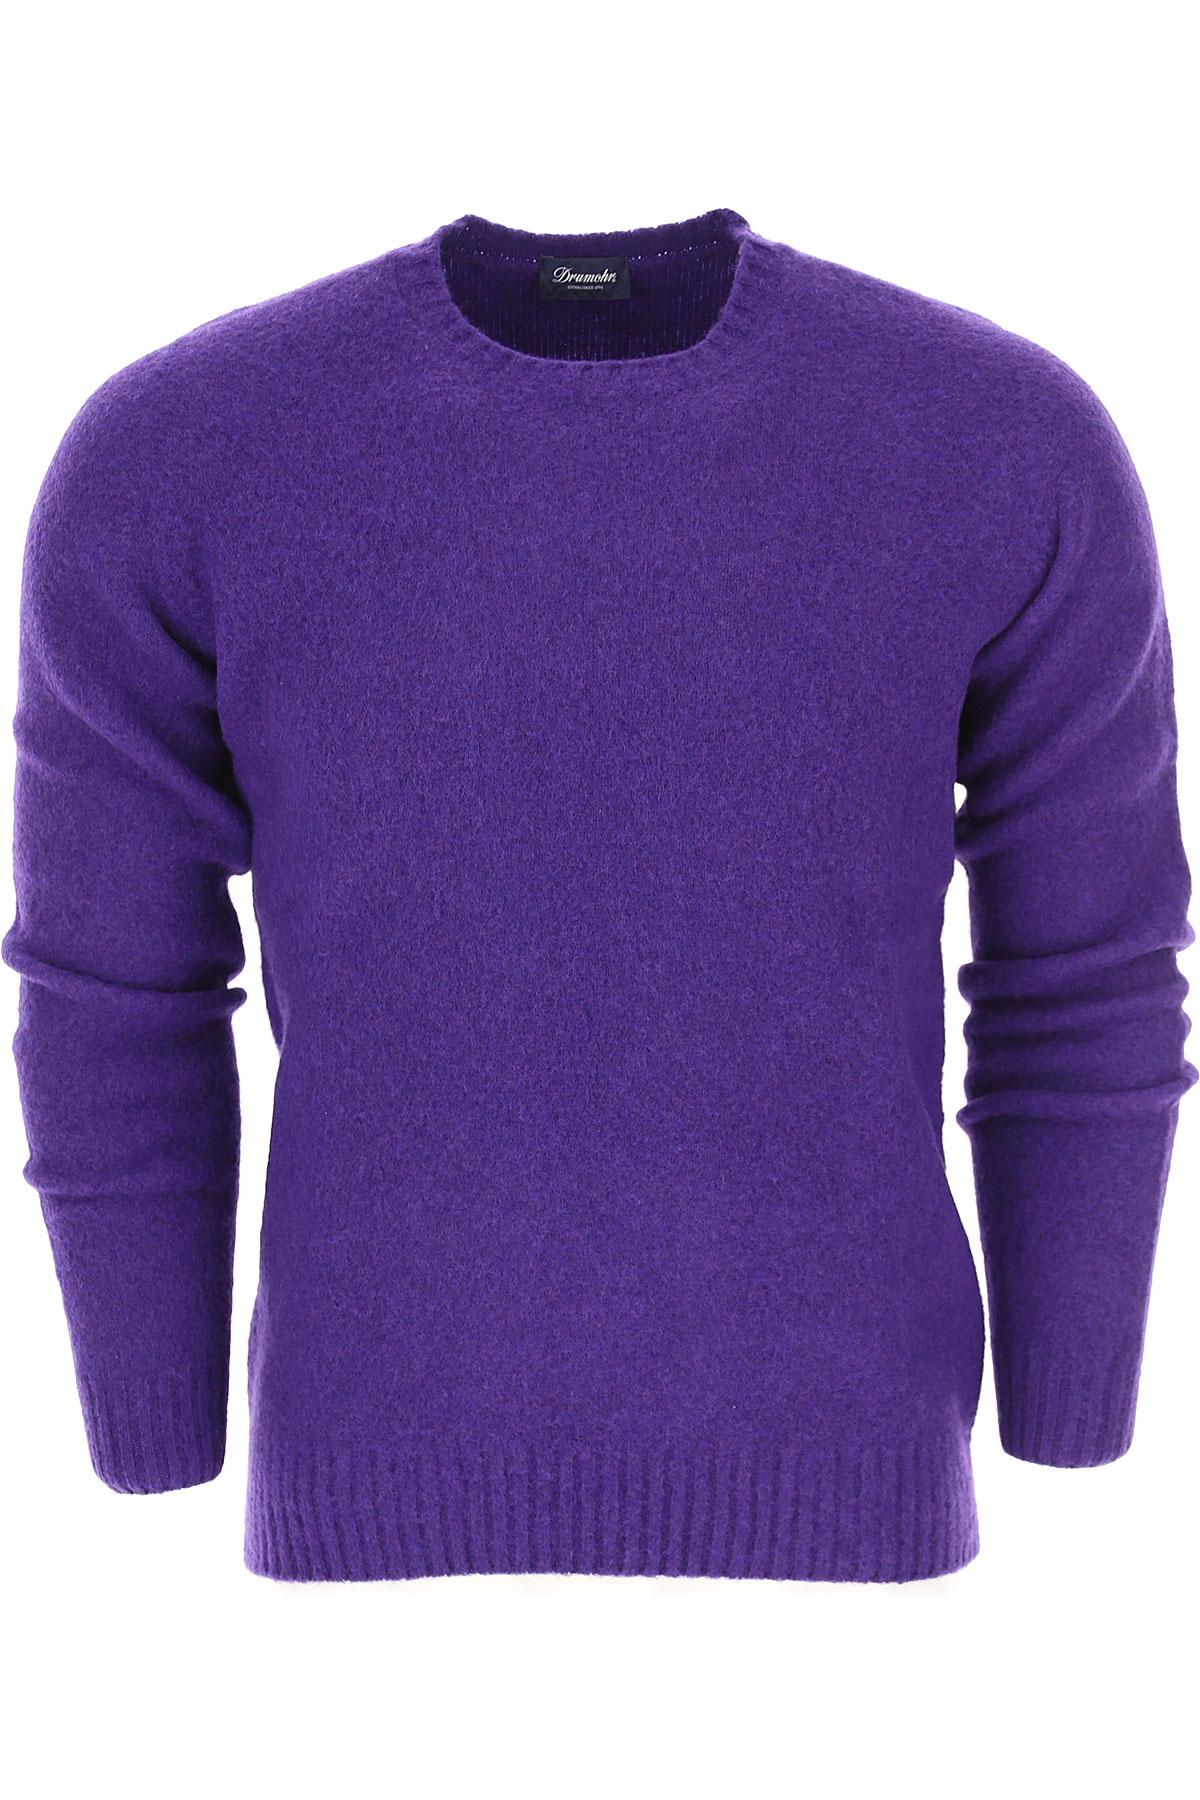 ドルモア セーター男性用 メンズ, バイオレット, ウール, 2017, L M S XL